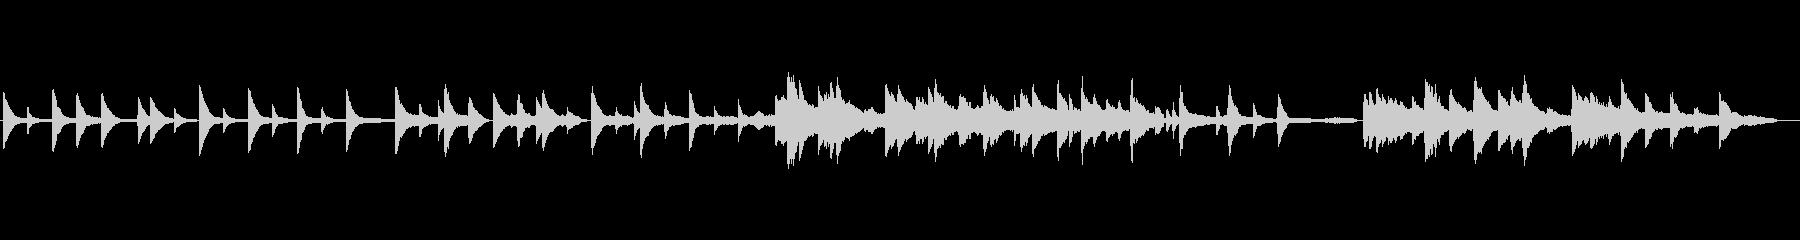 【シリアス】【切ない】【温かい】ピアノ曲の未再生の波形